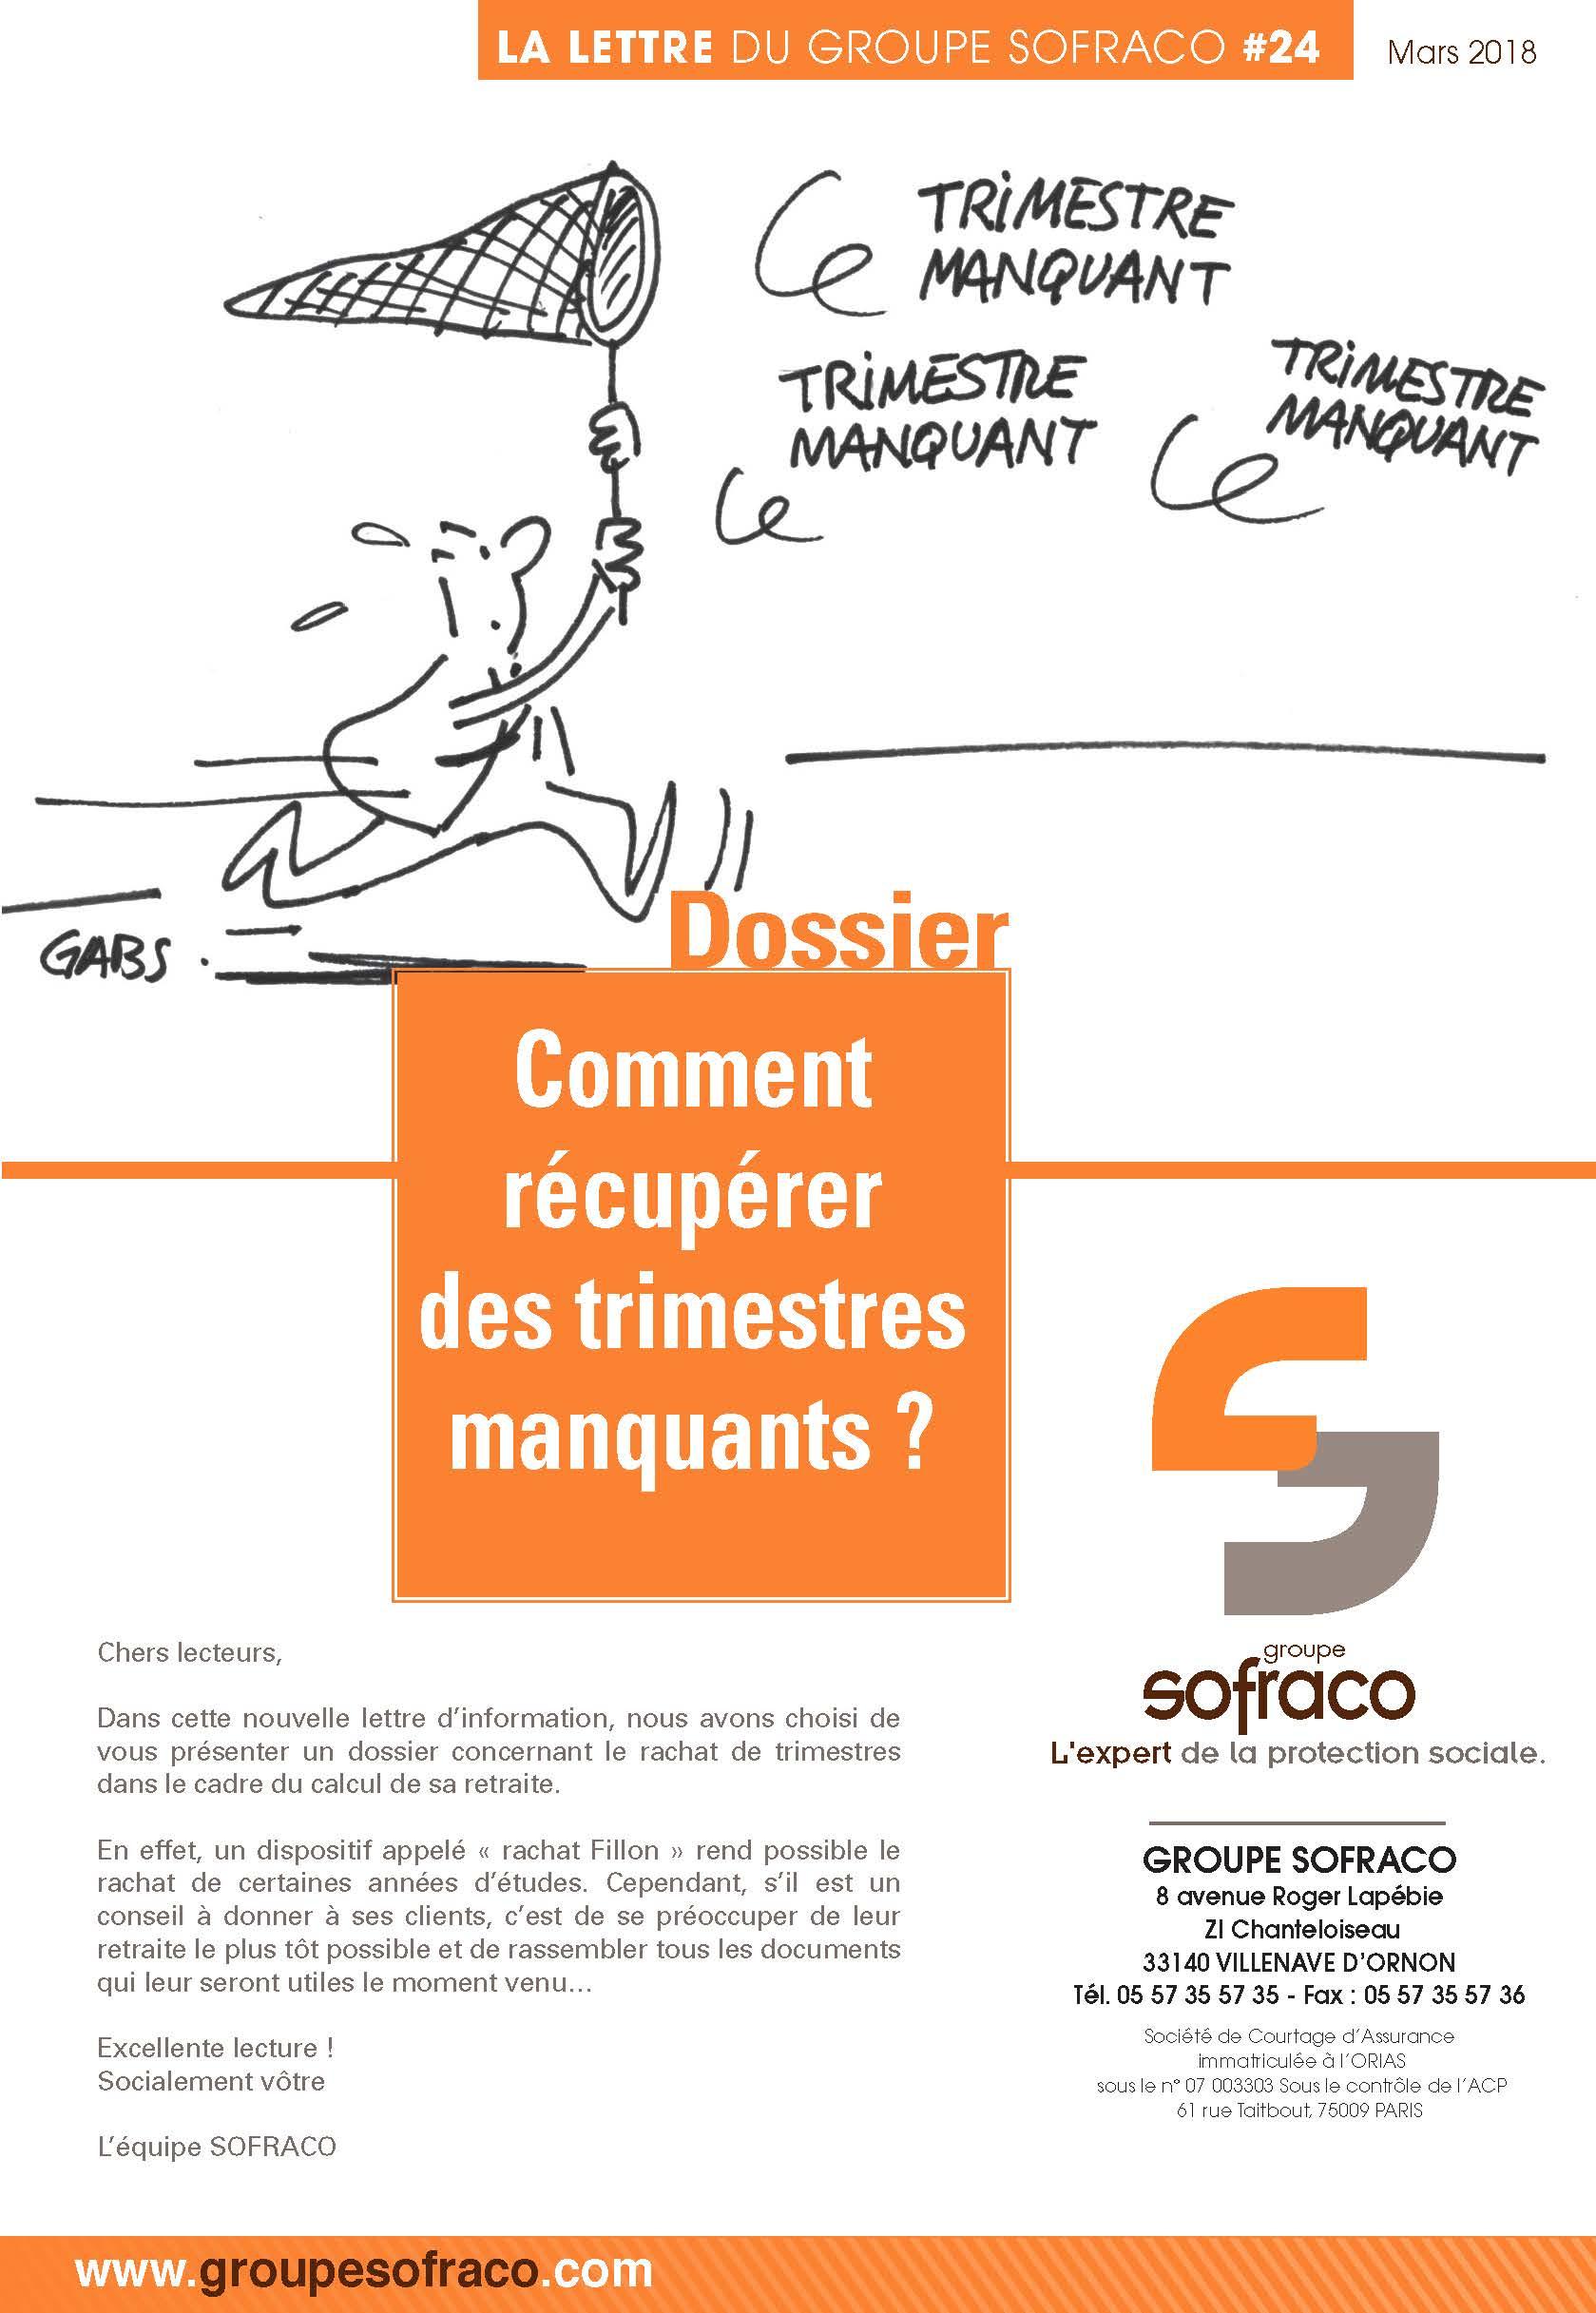 newsletter-sofraco-03-2018-artem-assurances